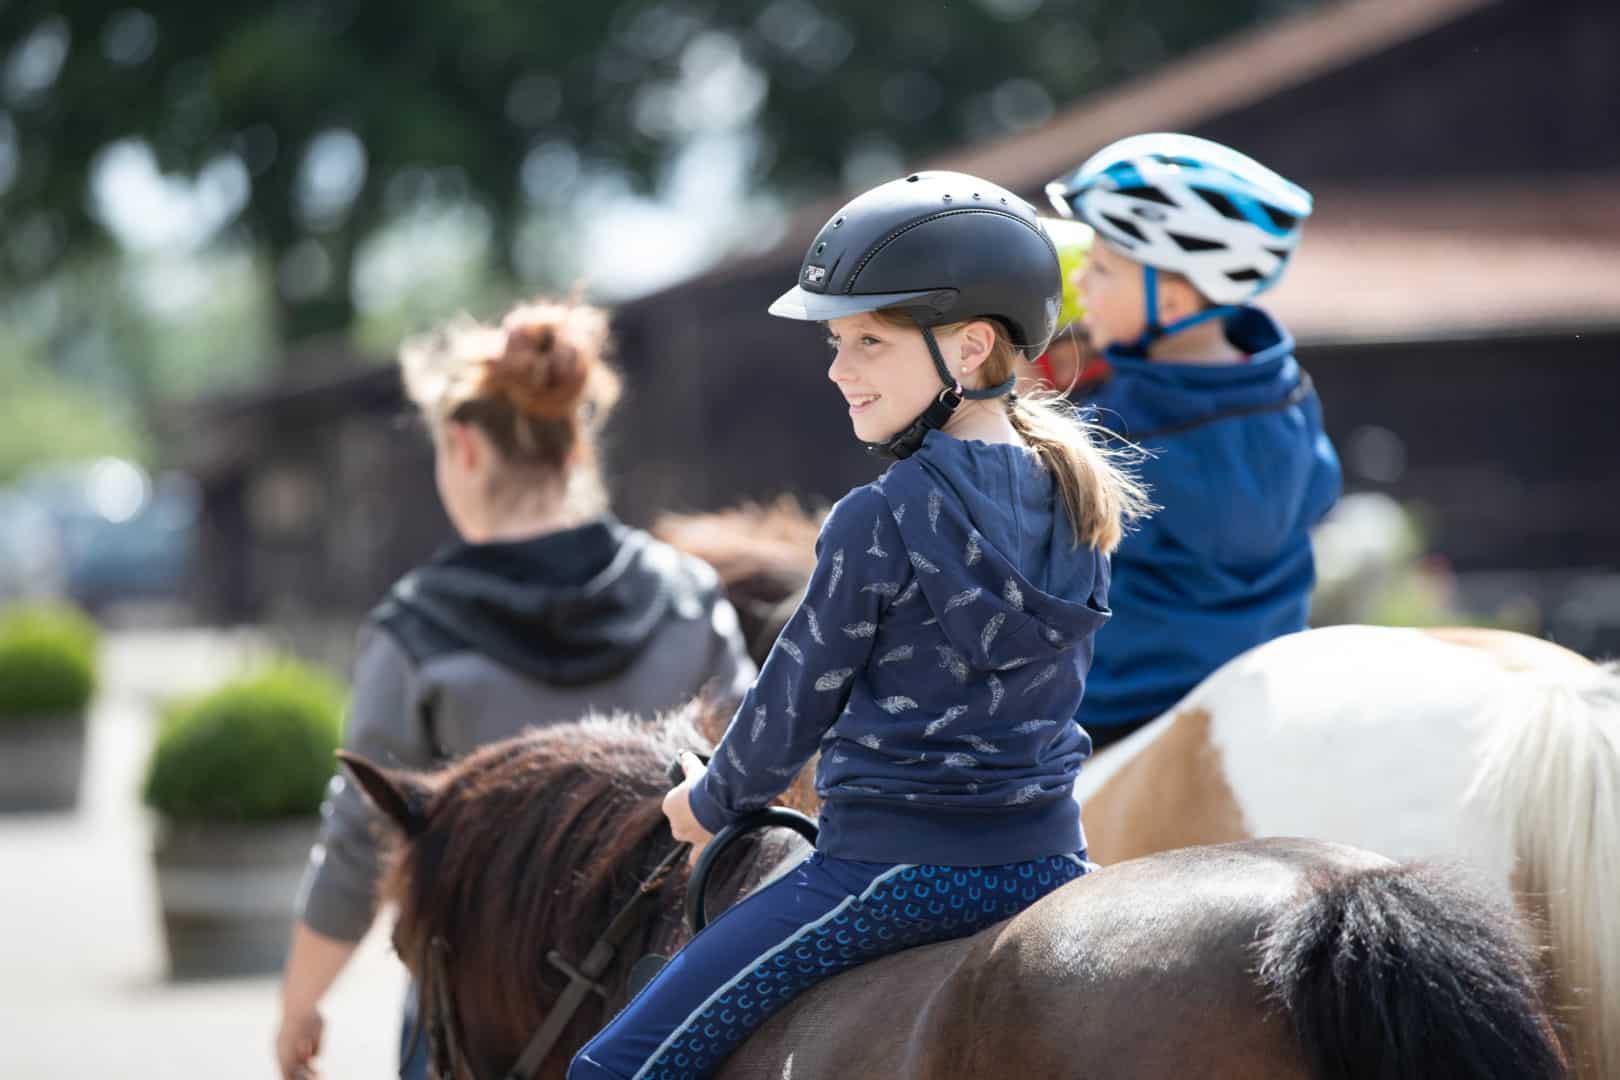 Gut Landegge Familotel Emsland Familienurlaub Reiterhof Reitanlage Reithalle Gut Pferde Urlaub mit Pferden Familienhotel